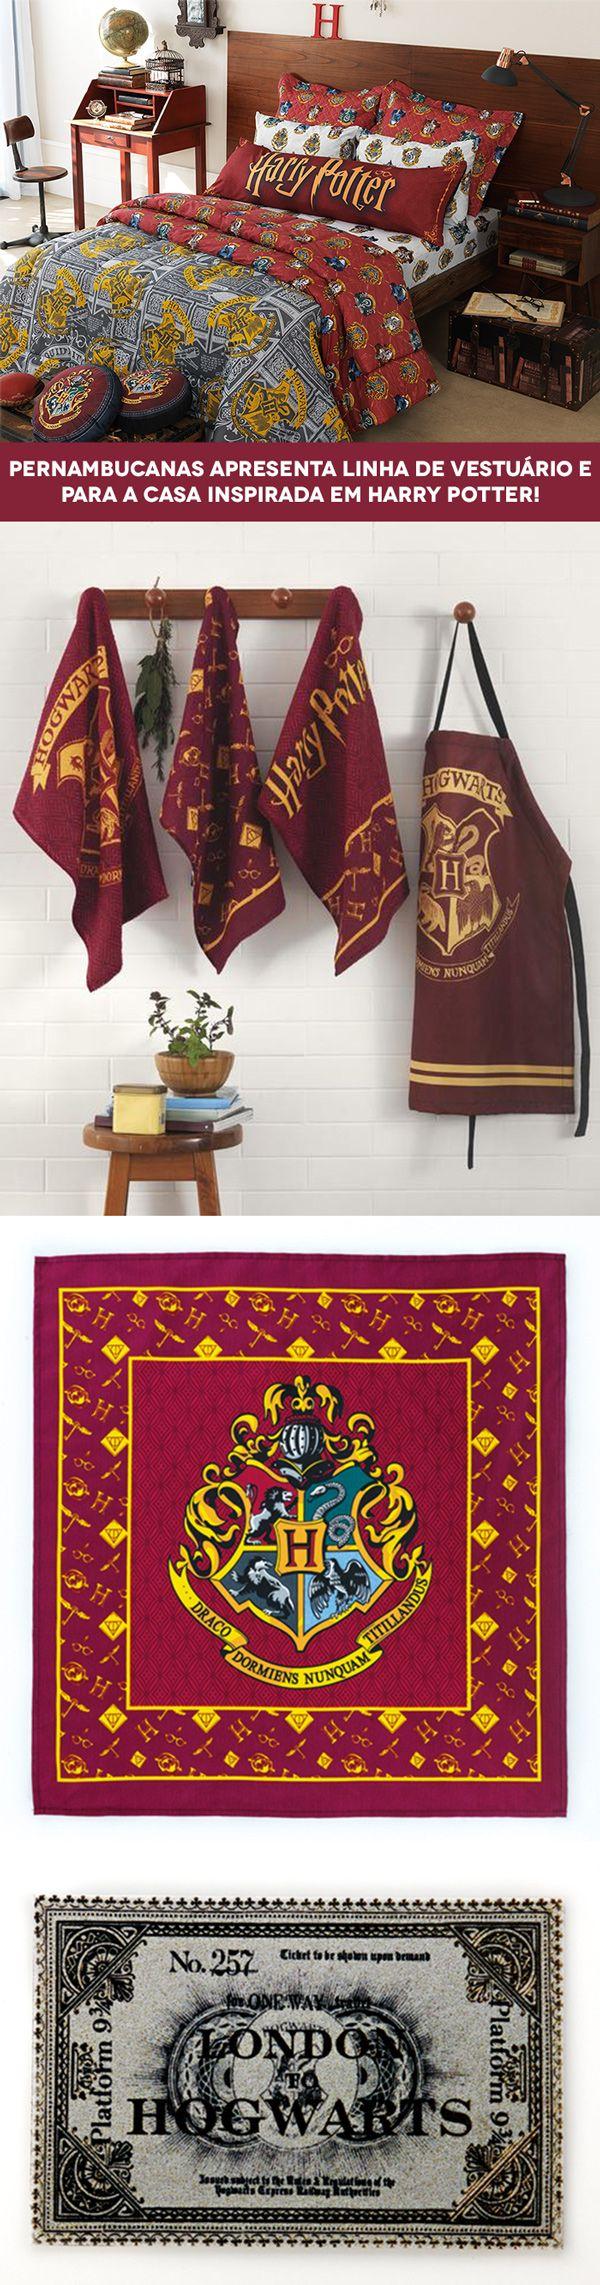 Se você é fã de Harry Potter, pode ir juntando suas economias, porque a Pernambucanas está lançando uma coleção sensacional de vestuário e uma linha completa para a casa inspirada na saga de J.K. Rowling.